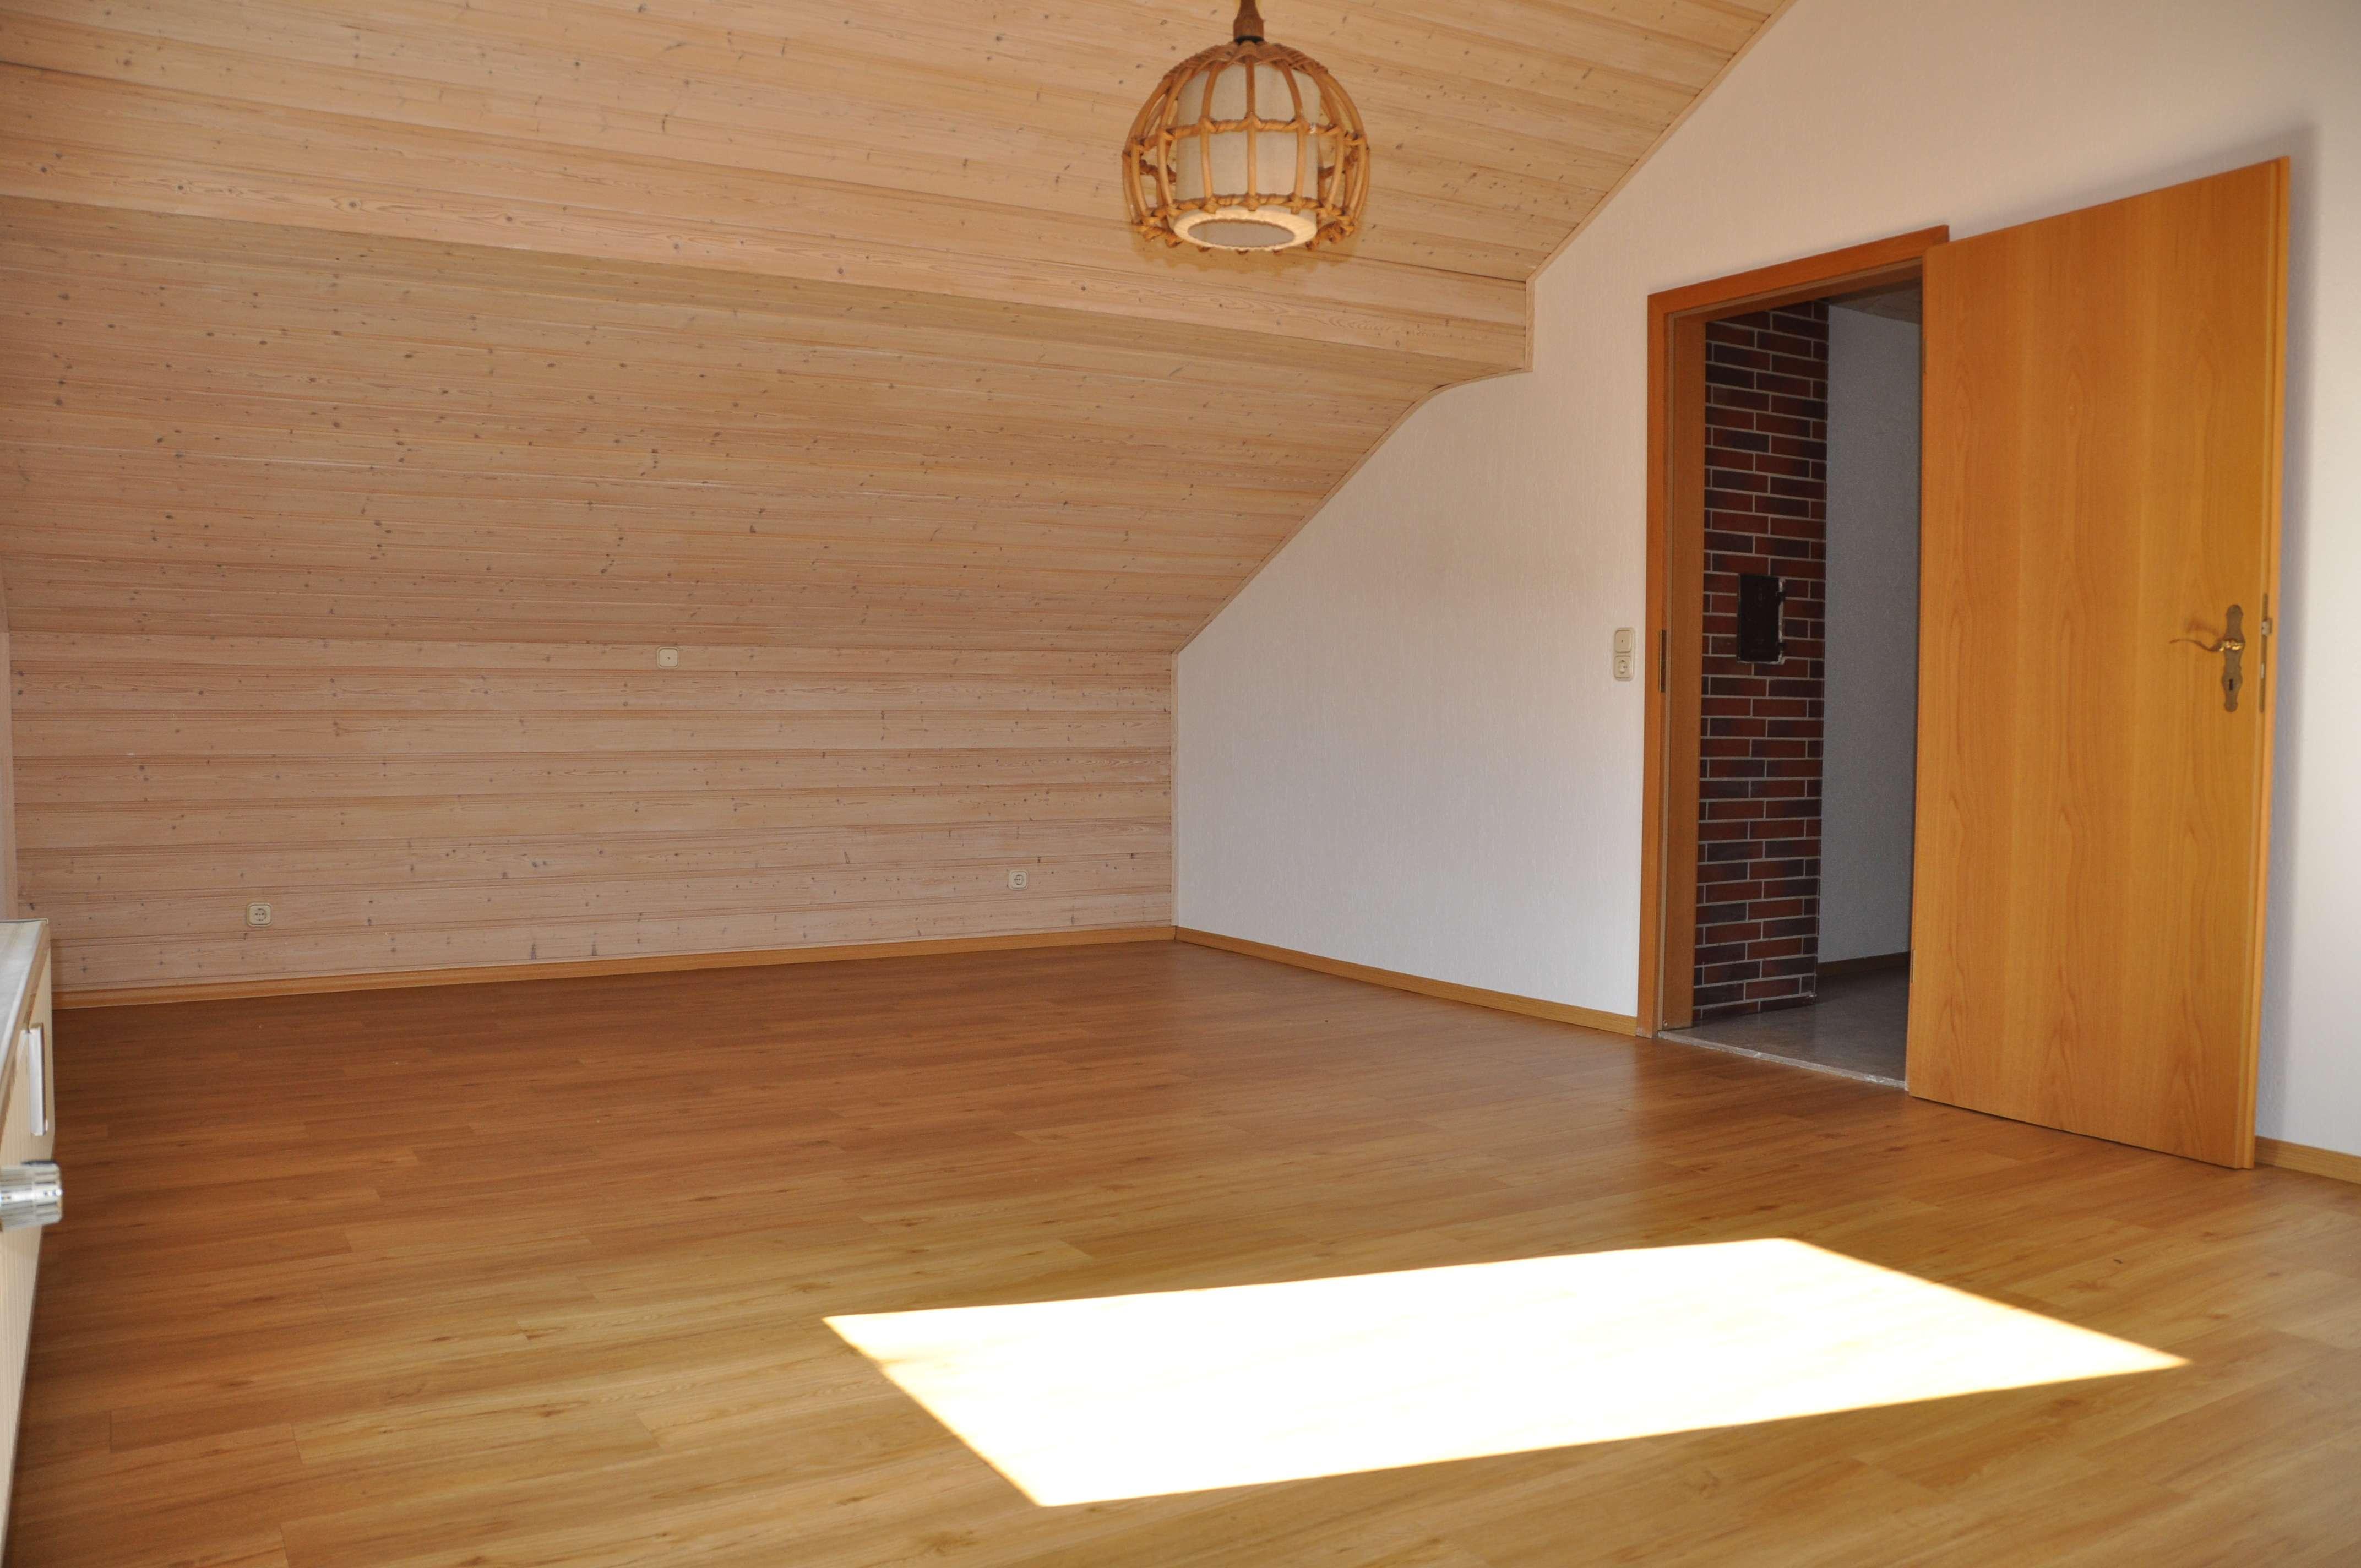 Ihr neues Zuhause: 2-Zimmer-Wohnung in Osterhofen in Osterhofen